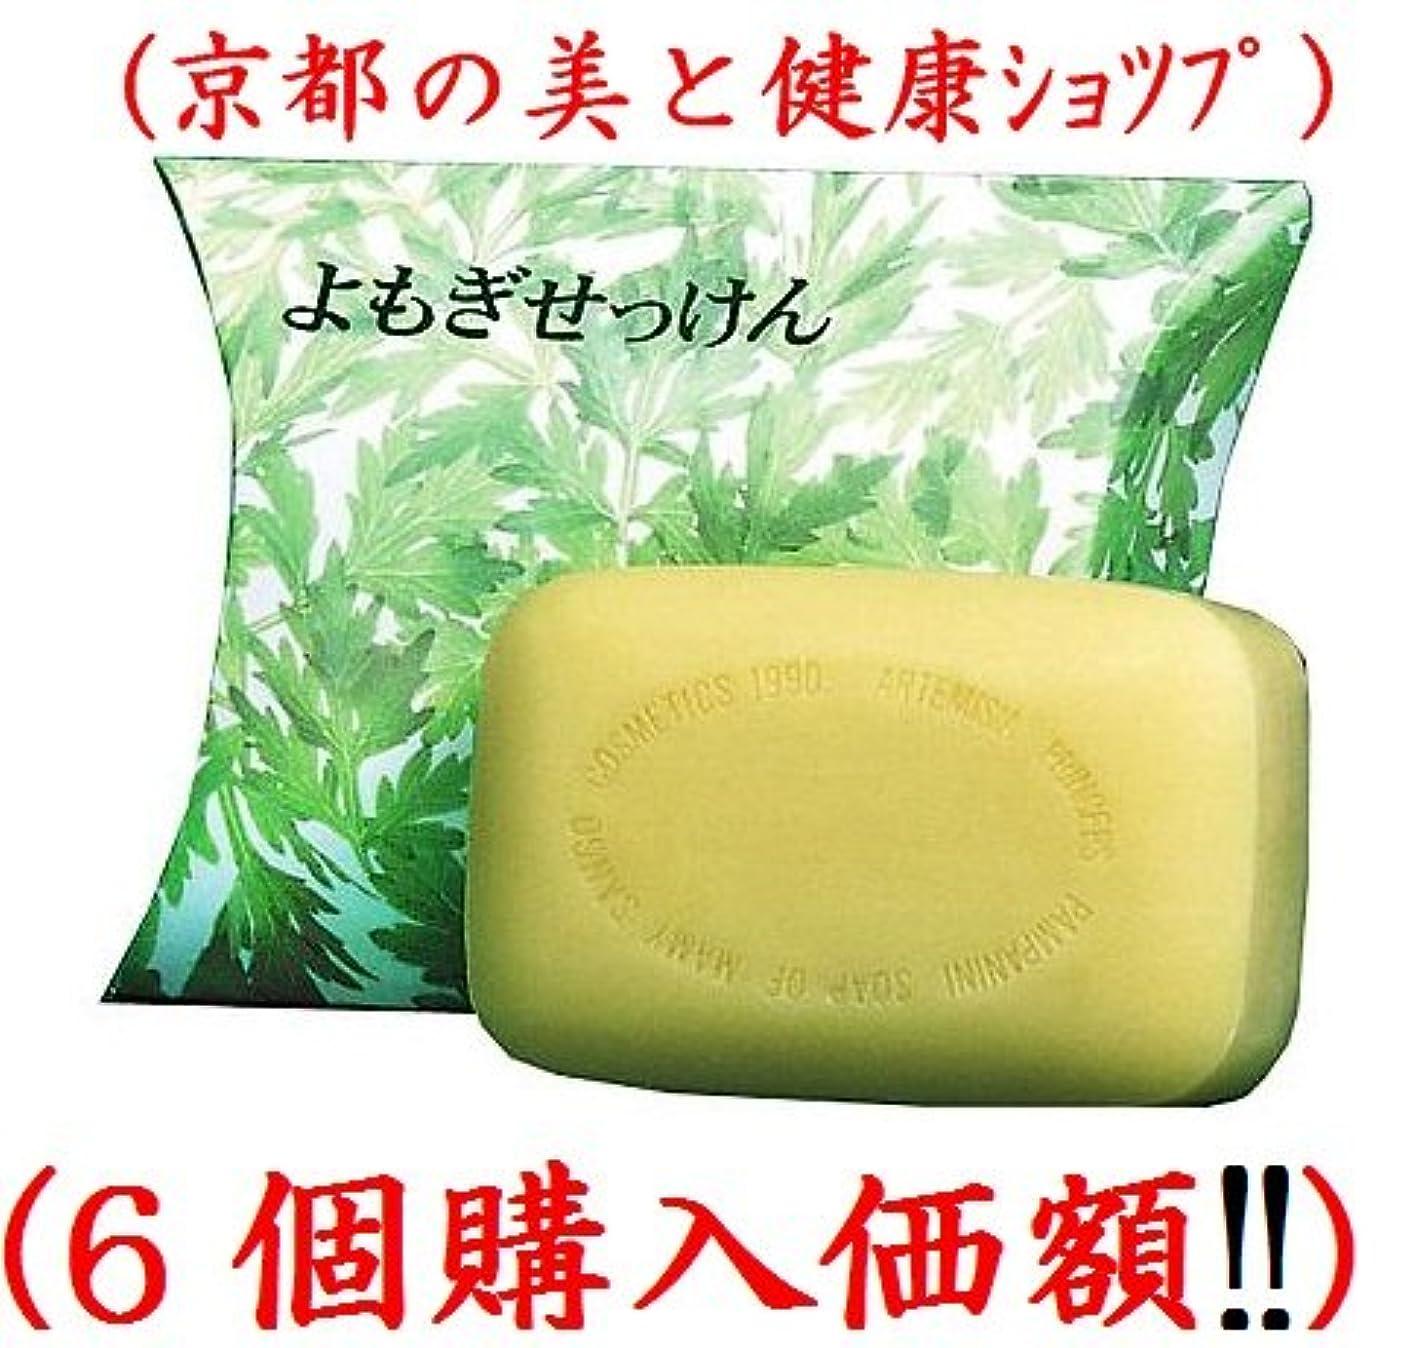 相手複雑な対称マミーサンゴソープAよもぎ石鹸95g(6個購入価額)